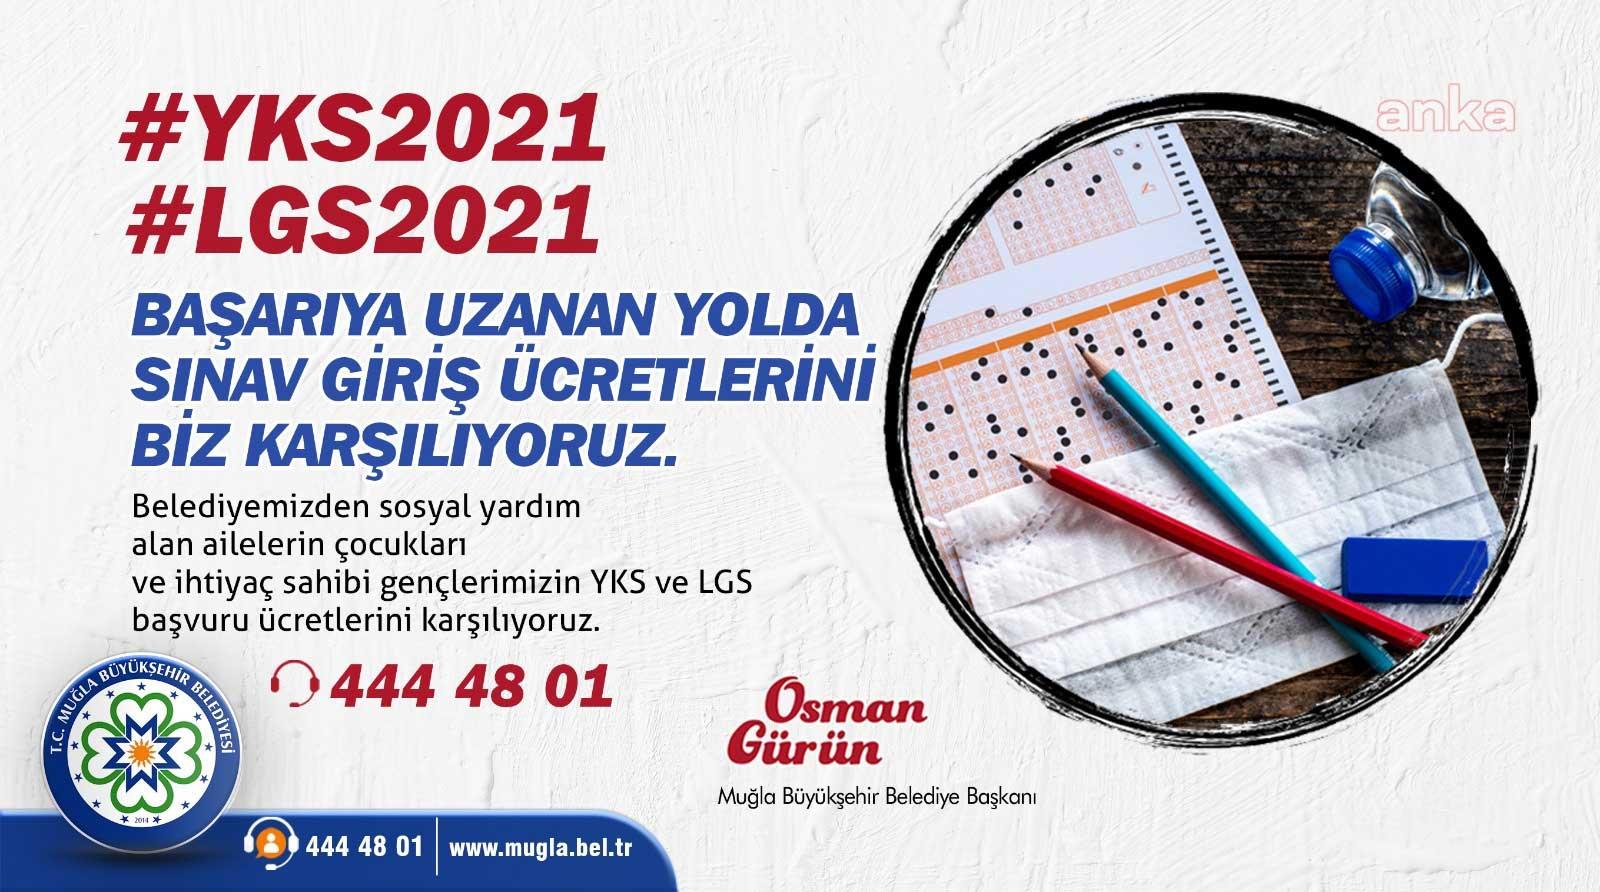 Muğla'da sınav ücretleri Büyükşehir'den